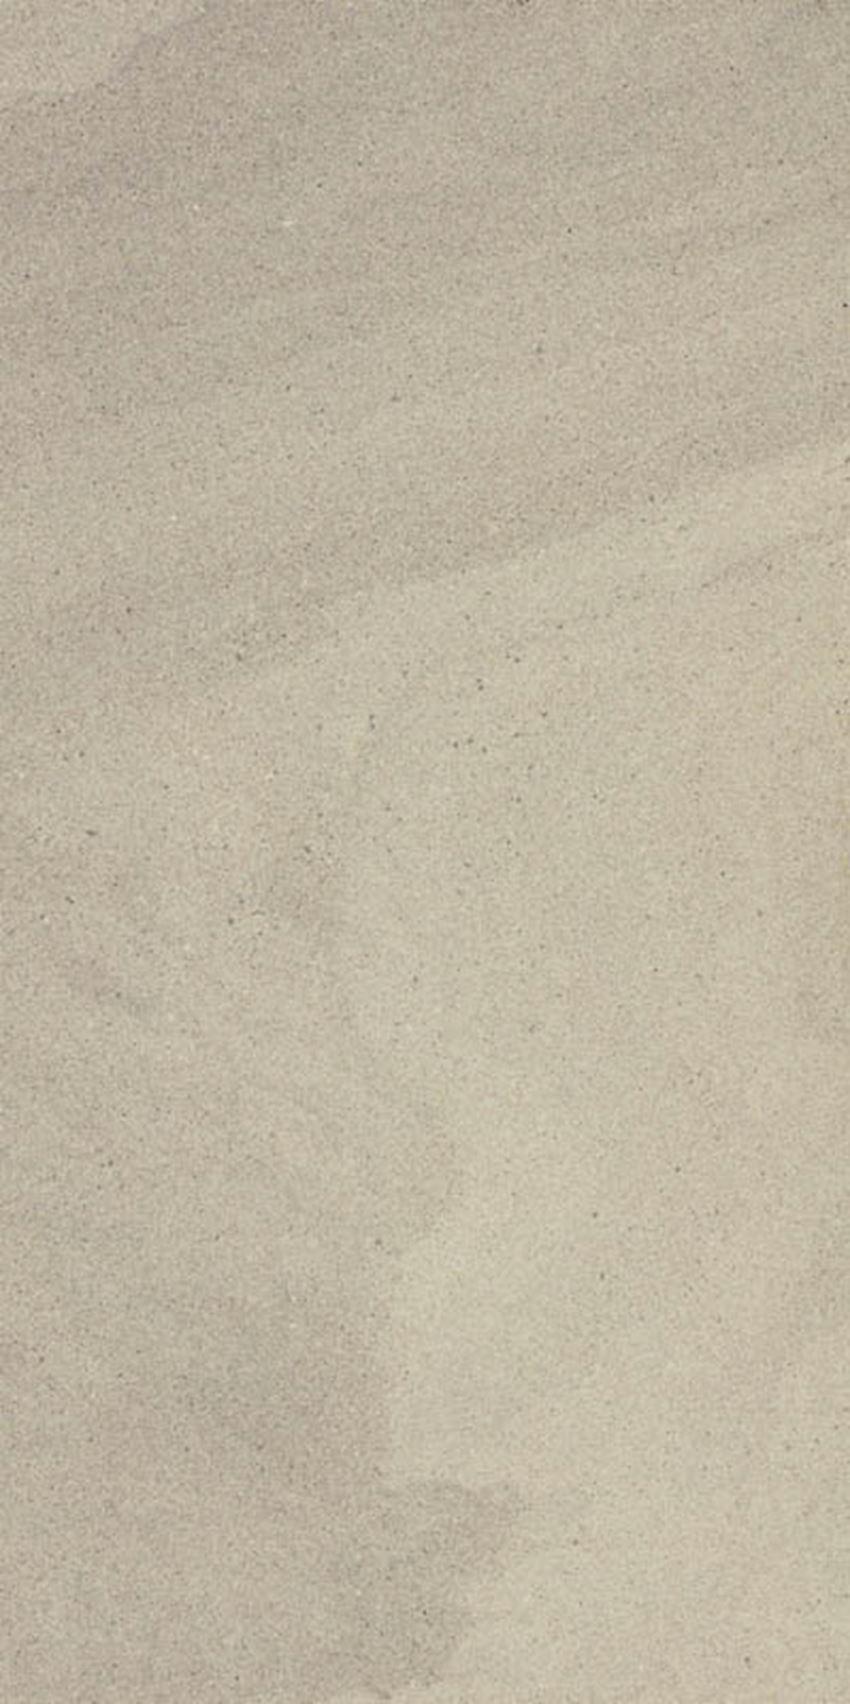 Płytka ścienno-podłogowa 29,8x59,8 cm Paradyż Rockstone Grys Gres Rekt. Mat.